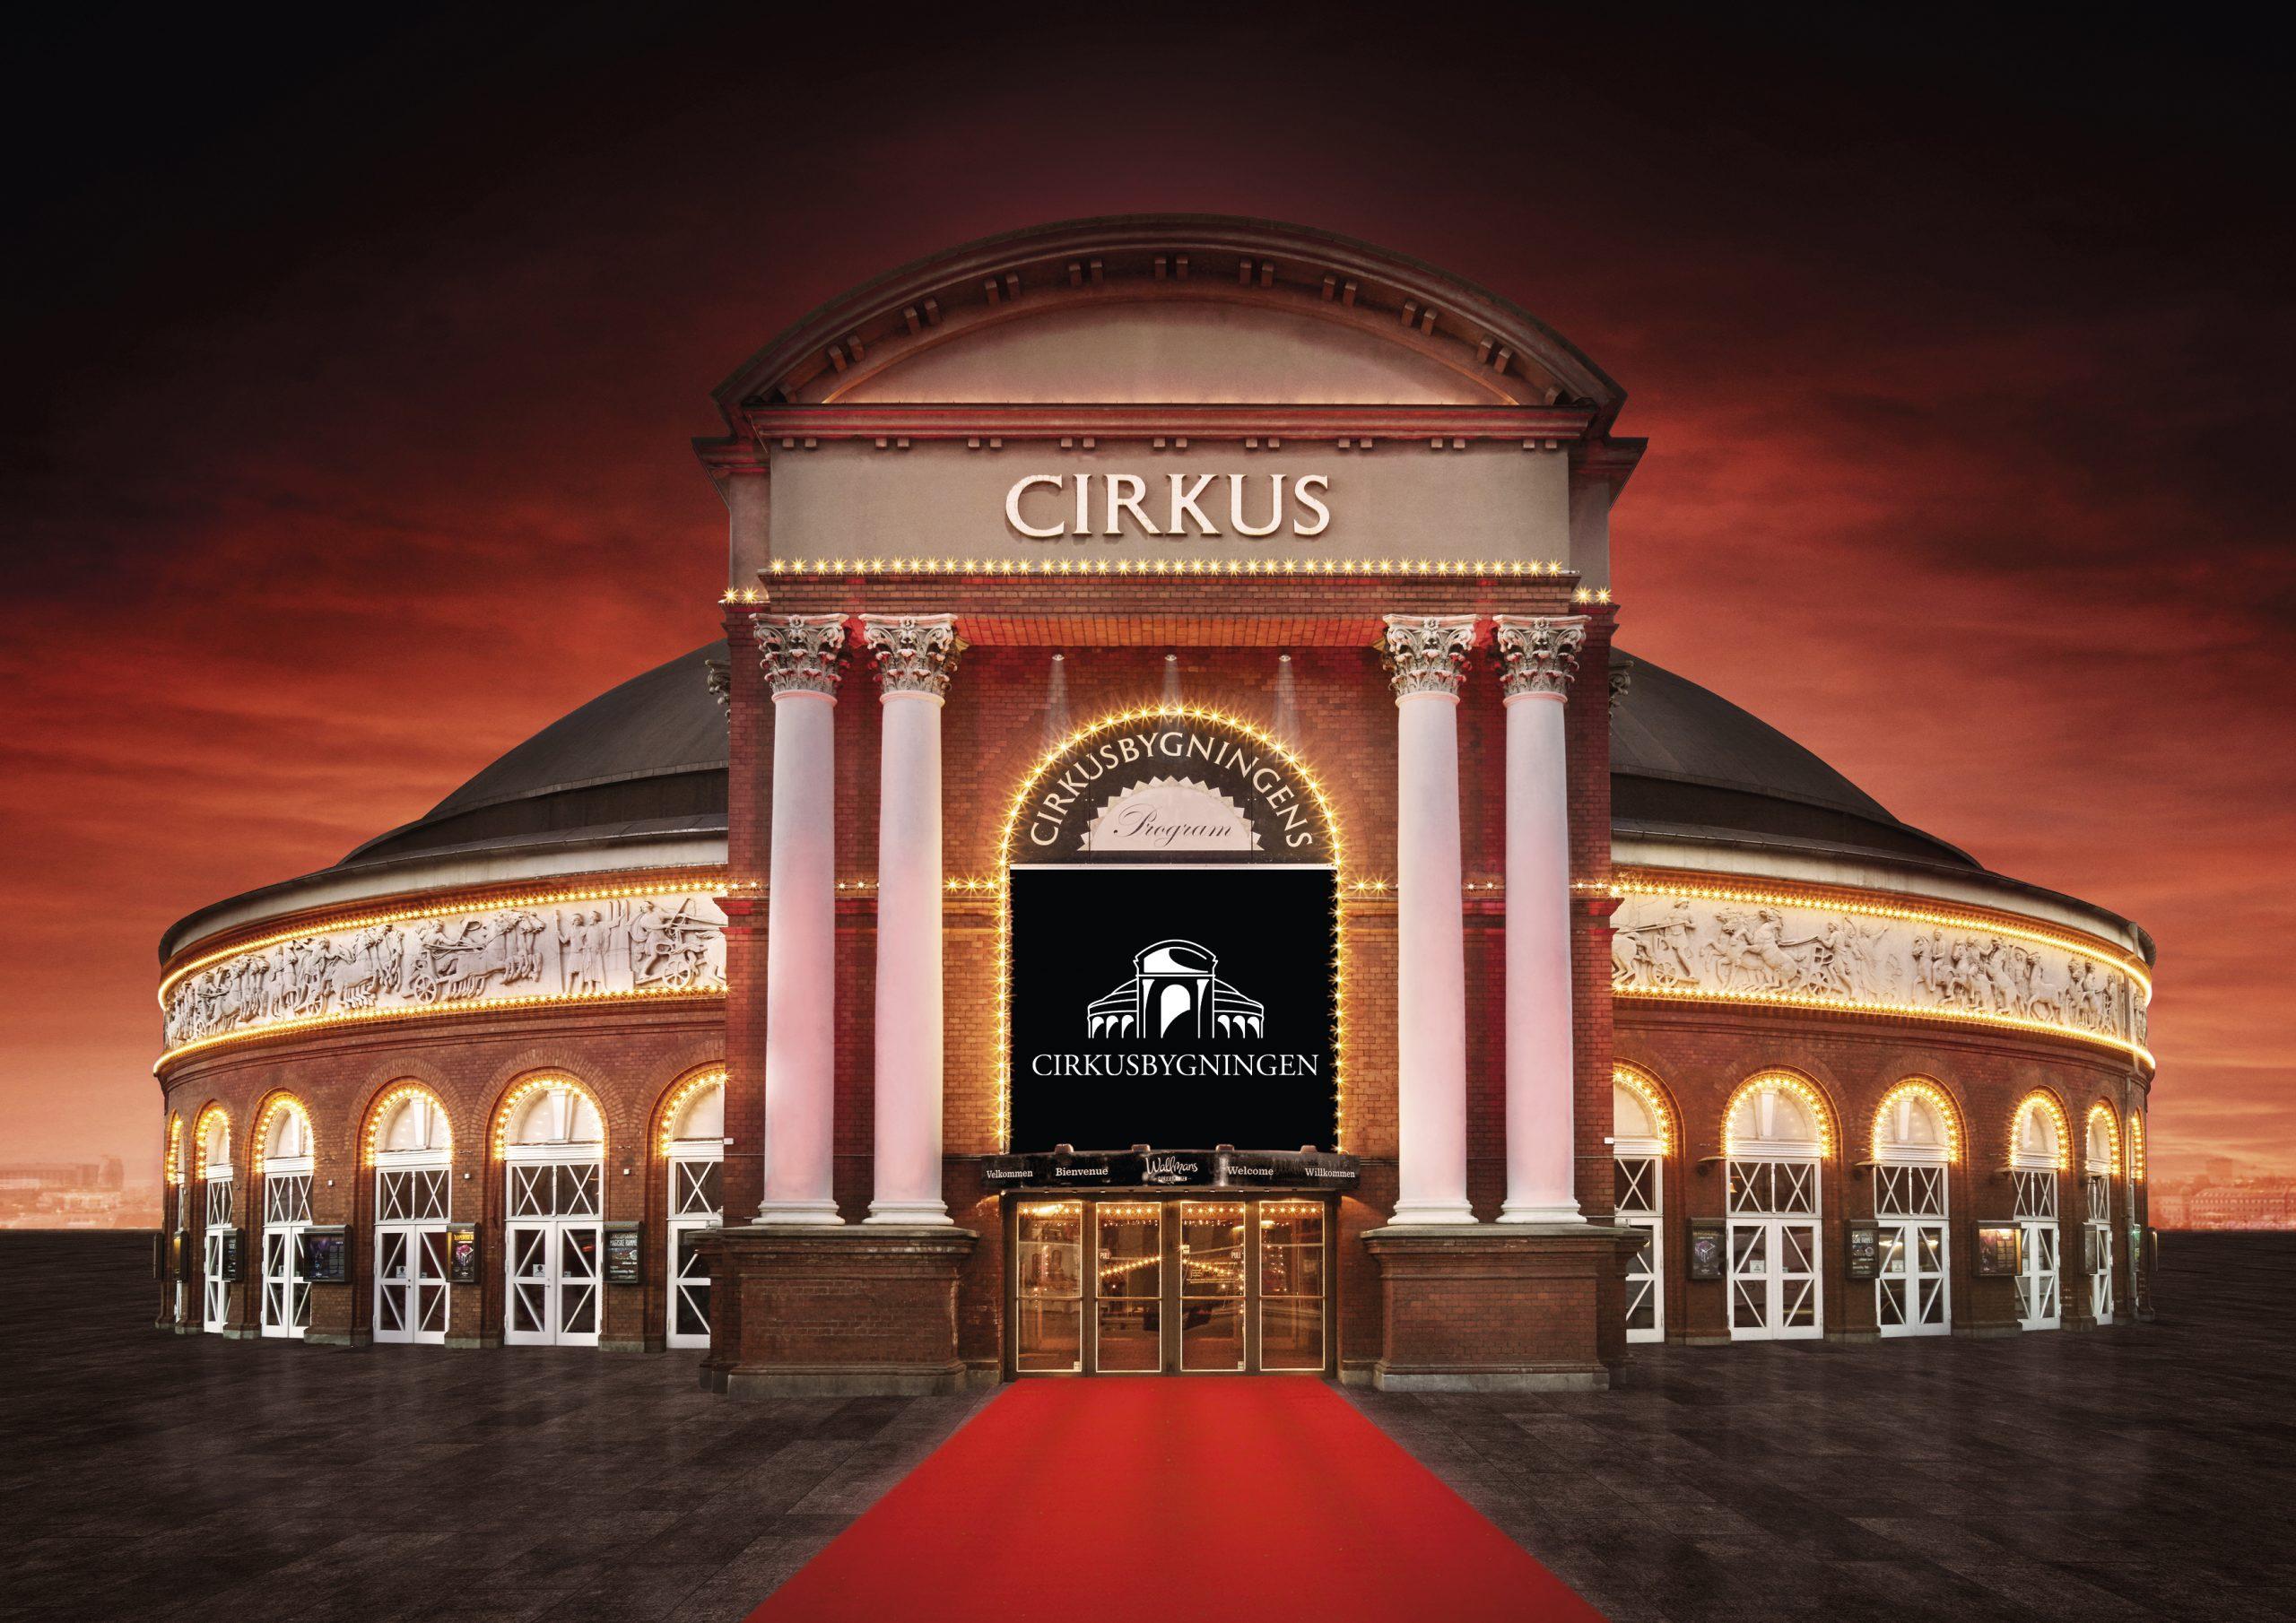 Coronakrisen har bragt svenske Moment Group med blandt andet Cirkusbygningen i København, billedet, i store økonomiske udfordringer. Men nu er der faldet en rekonstruktion på plads. PR-foto fra Moment Group.